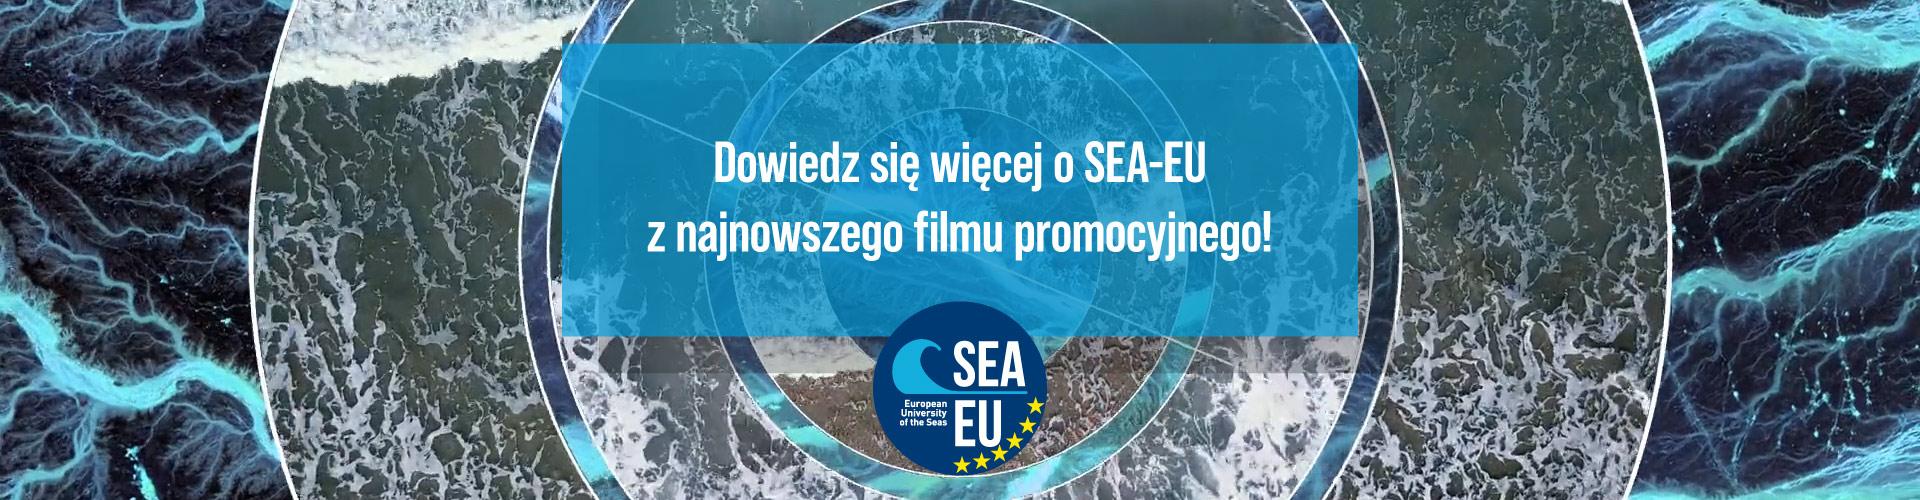 Dowiedz się więcej o SEA-EU z najnowszego filmu promocyjnego